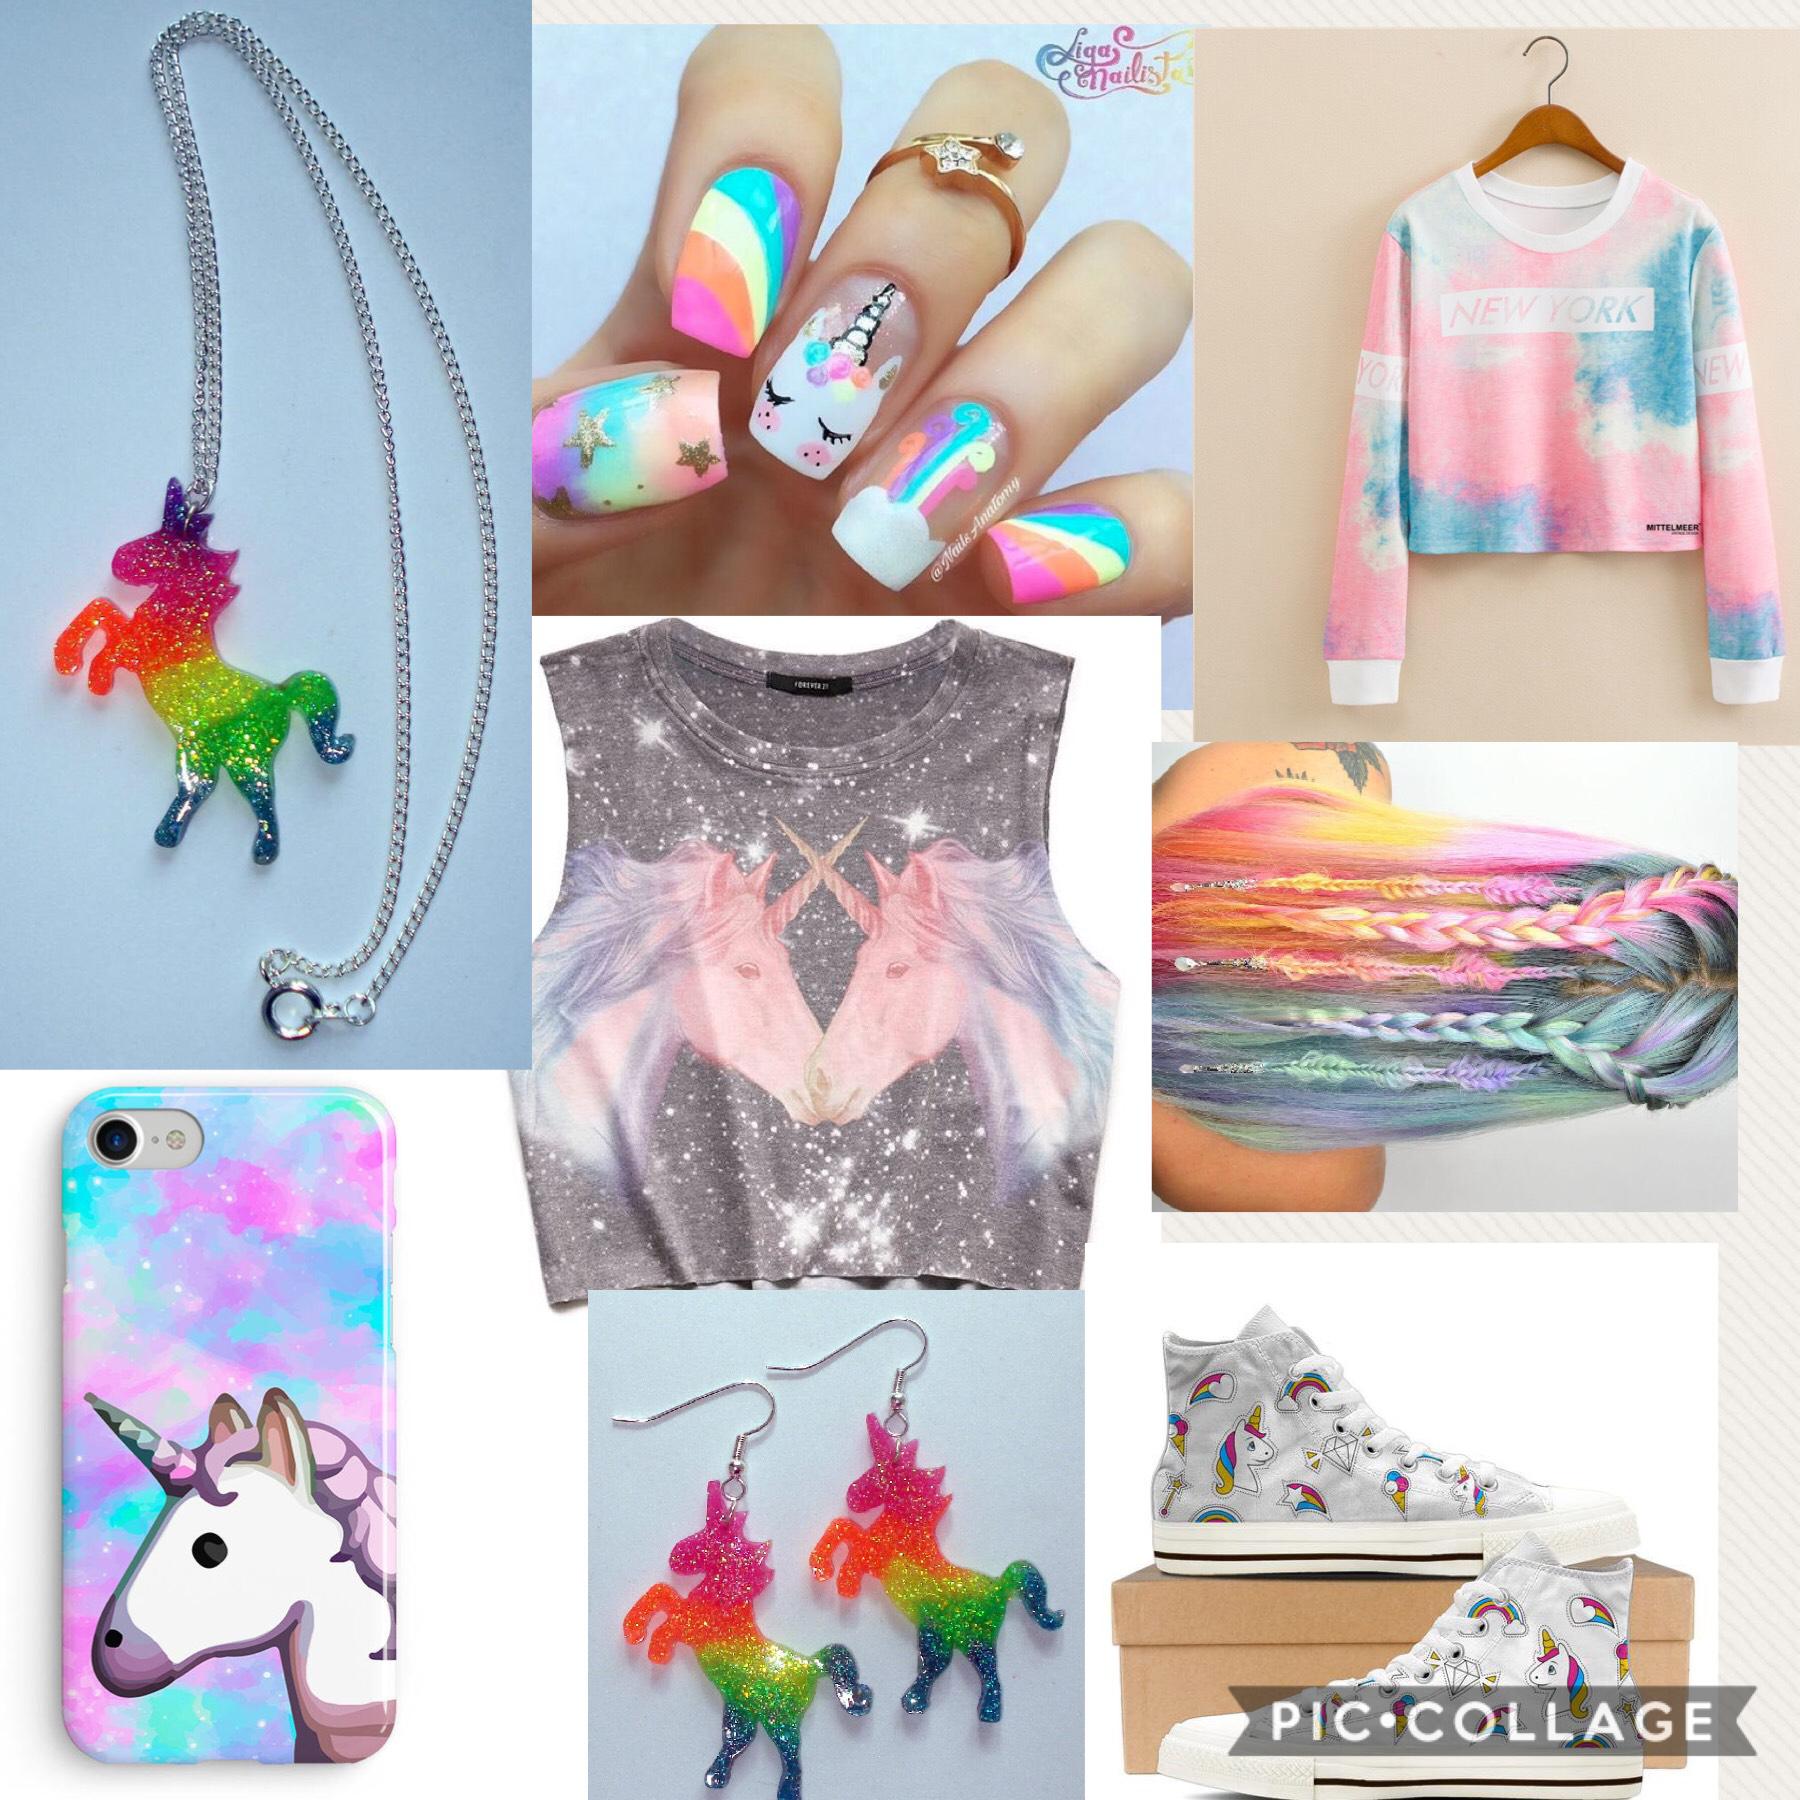 unicorn outfit #unicorn